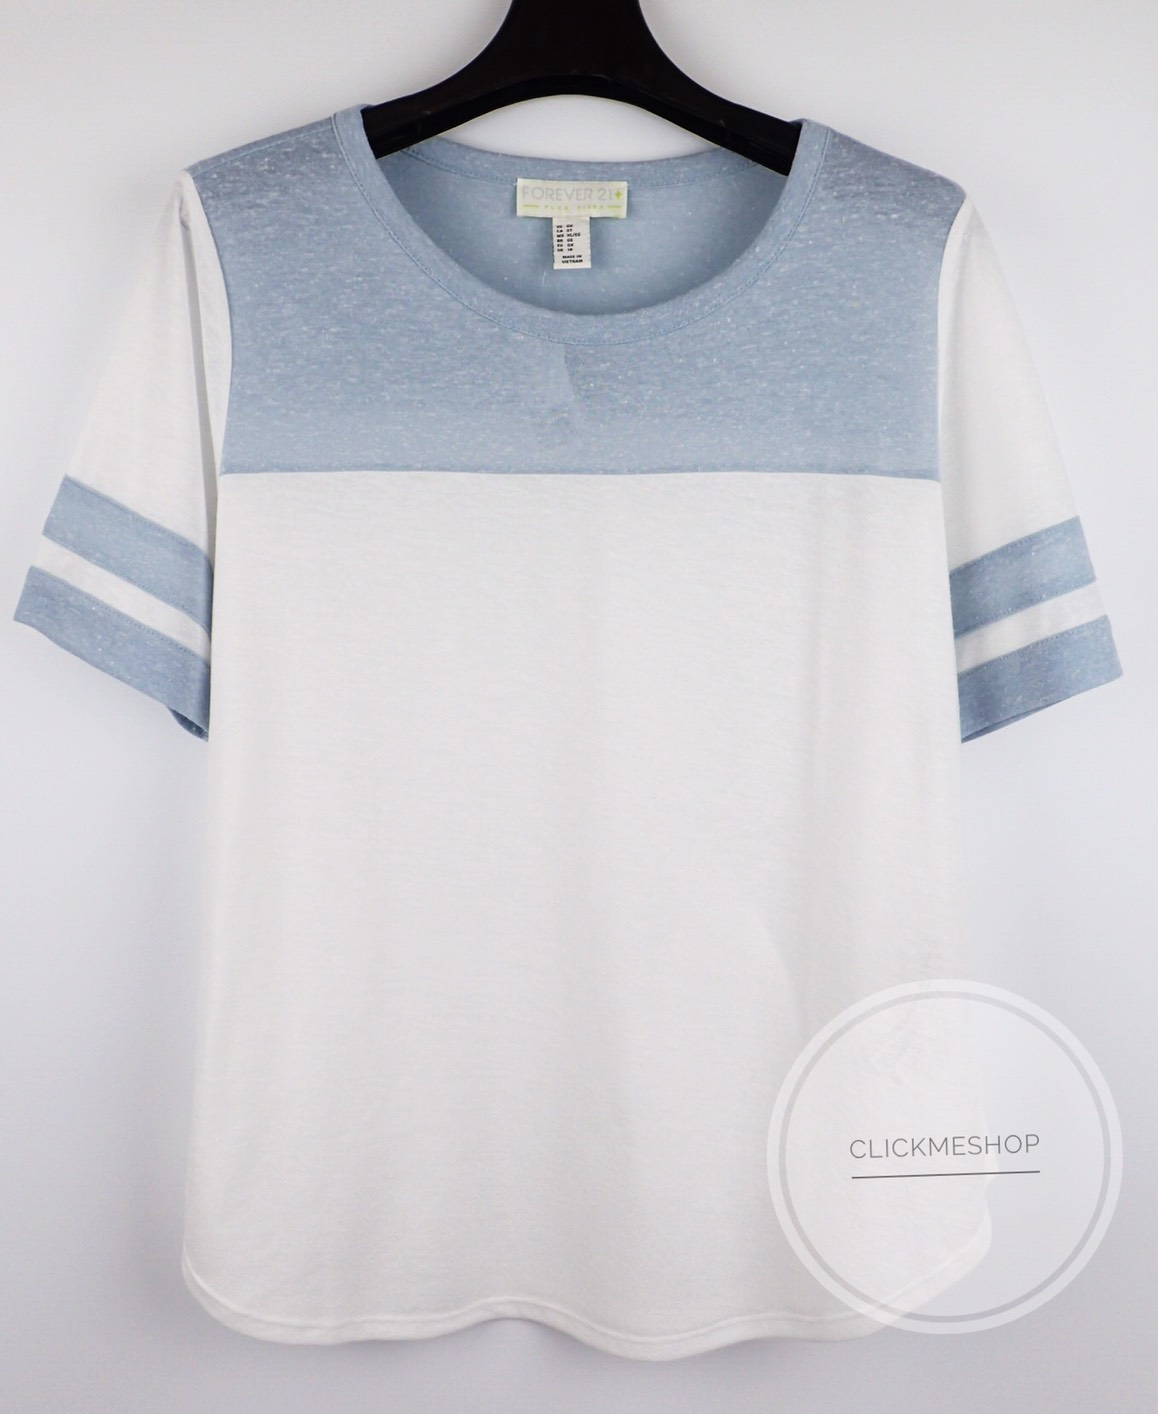 ( ไซส์ 2x หน้าอก 48-50 นิ้ว ) เสื้อยืด สีฟ้าตัด ยี่ห้อ Forever21 plus แขน 3 ส่วน น่ารักคะ